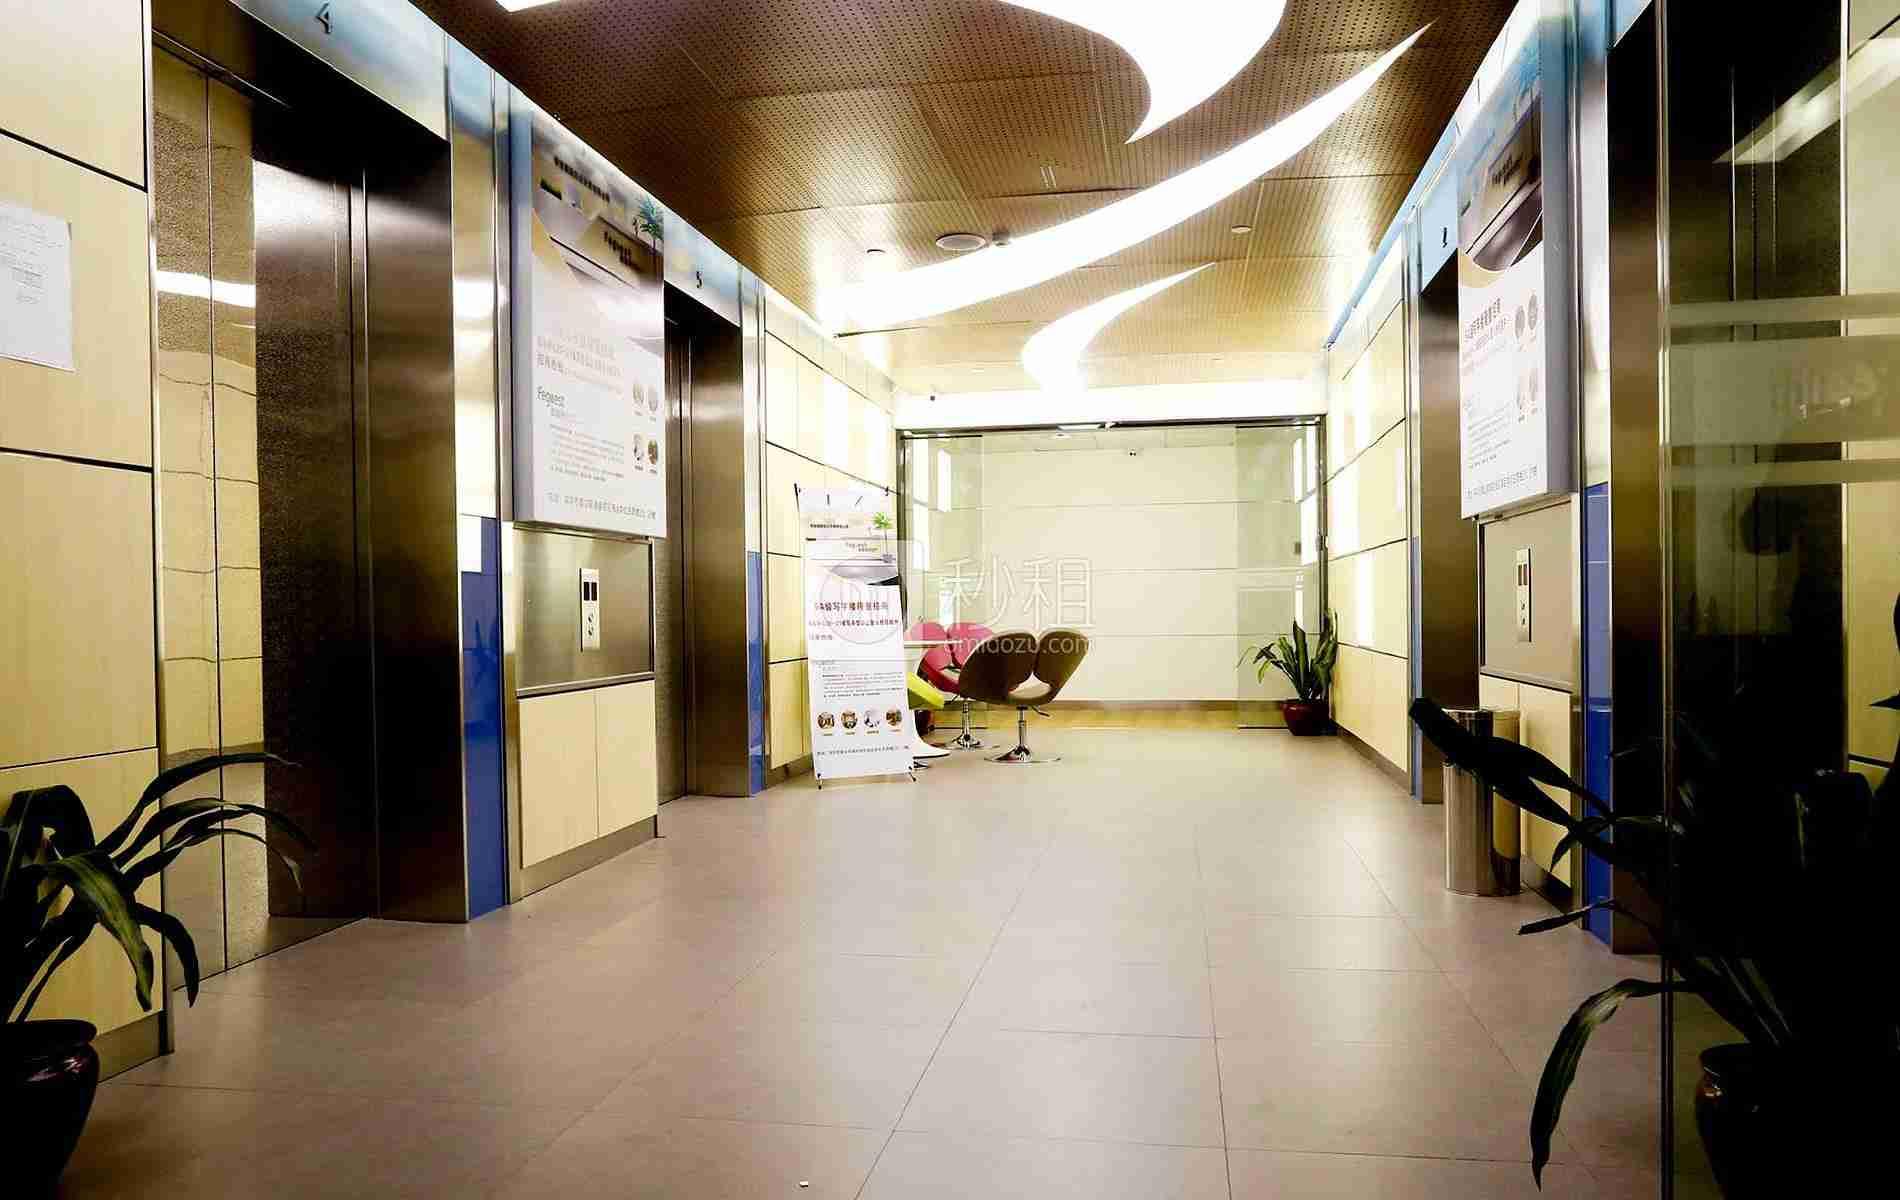 海运中心写字楼出租/招租/租赁,海运中心办公室出租/招租/租赁